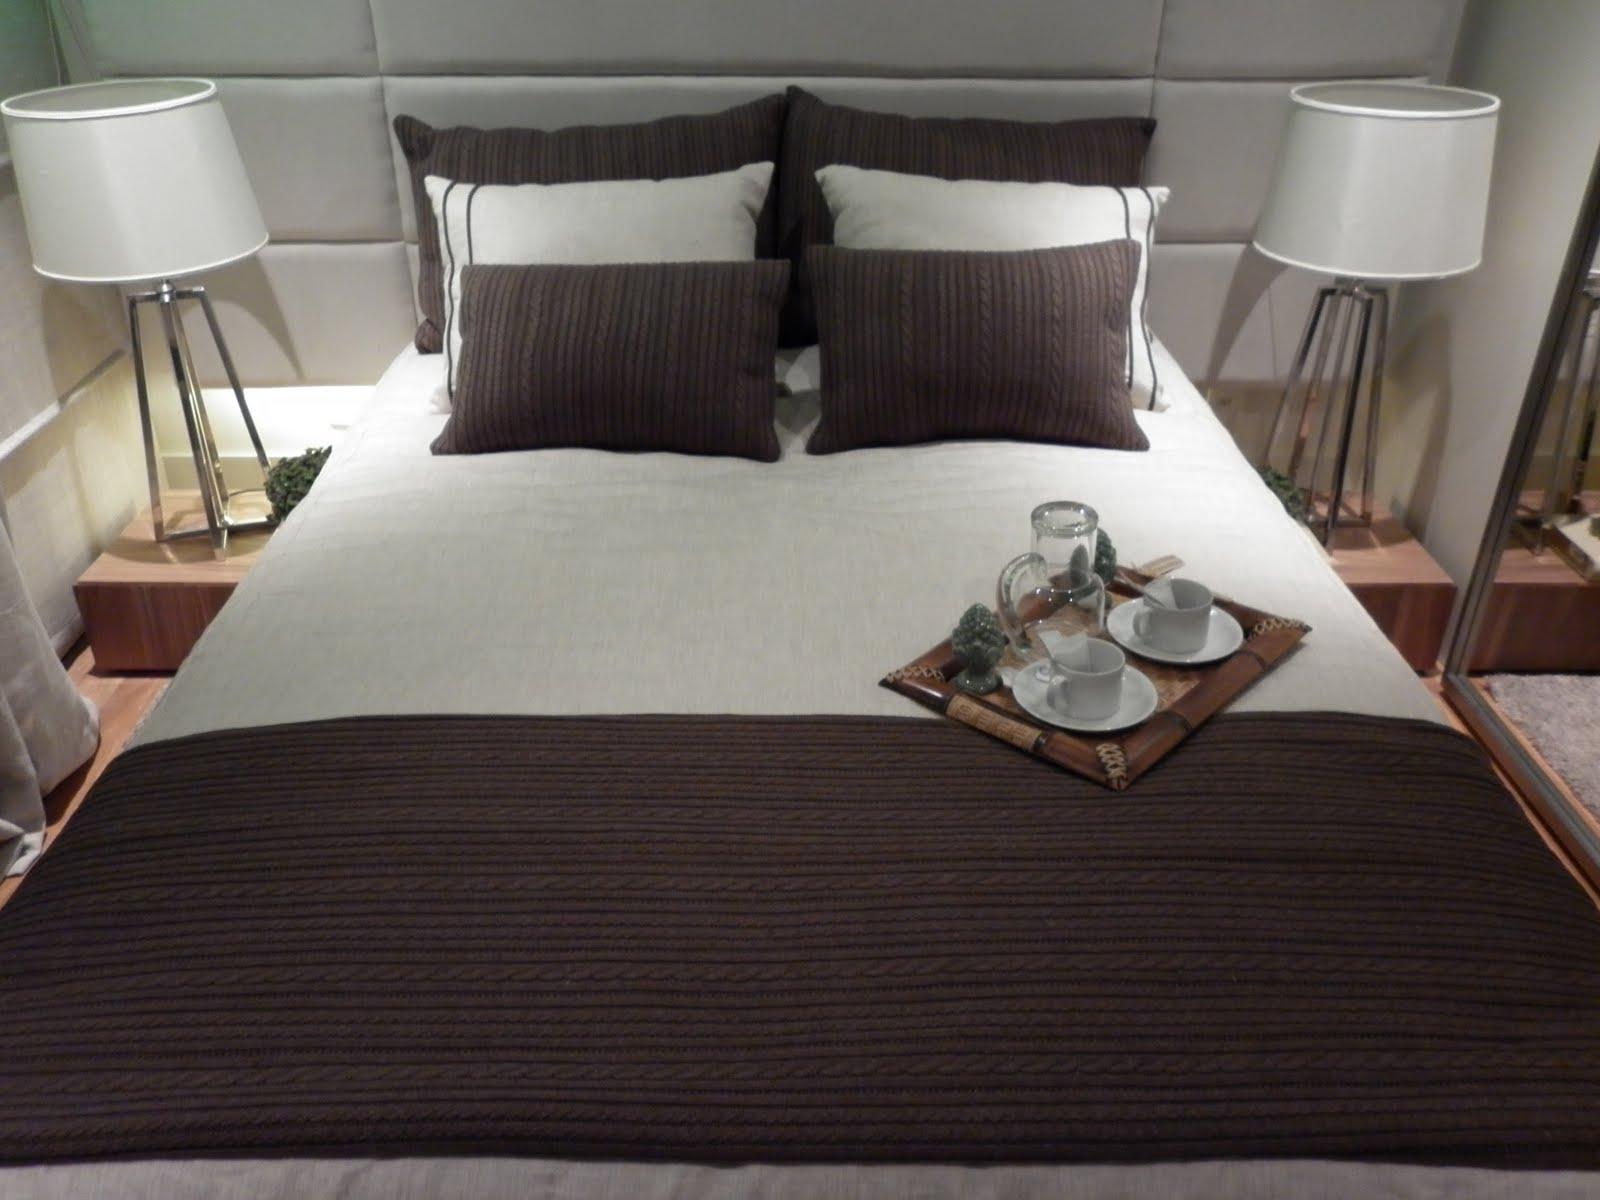 Colchas para camas elegir la adecuada cehome for Colchas para camas de 150 con canape